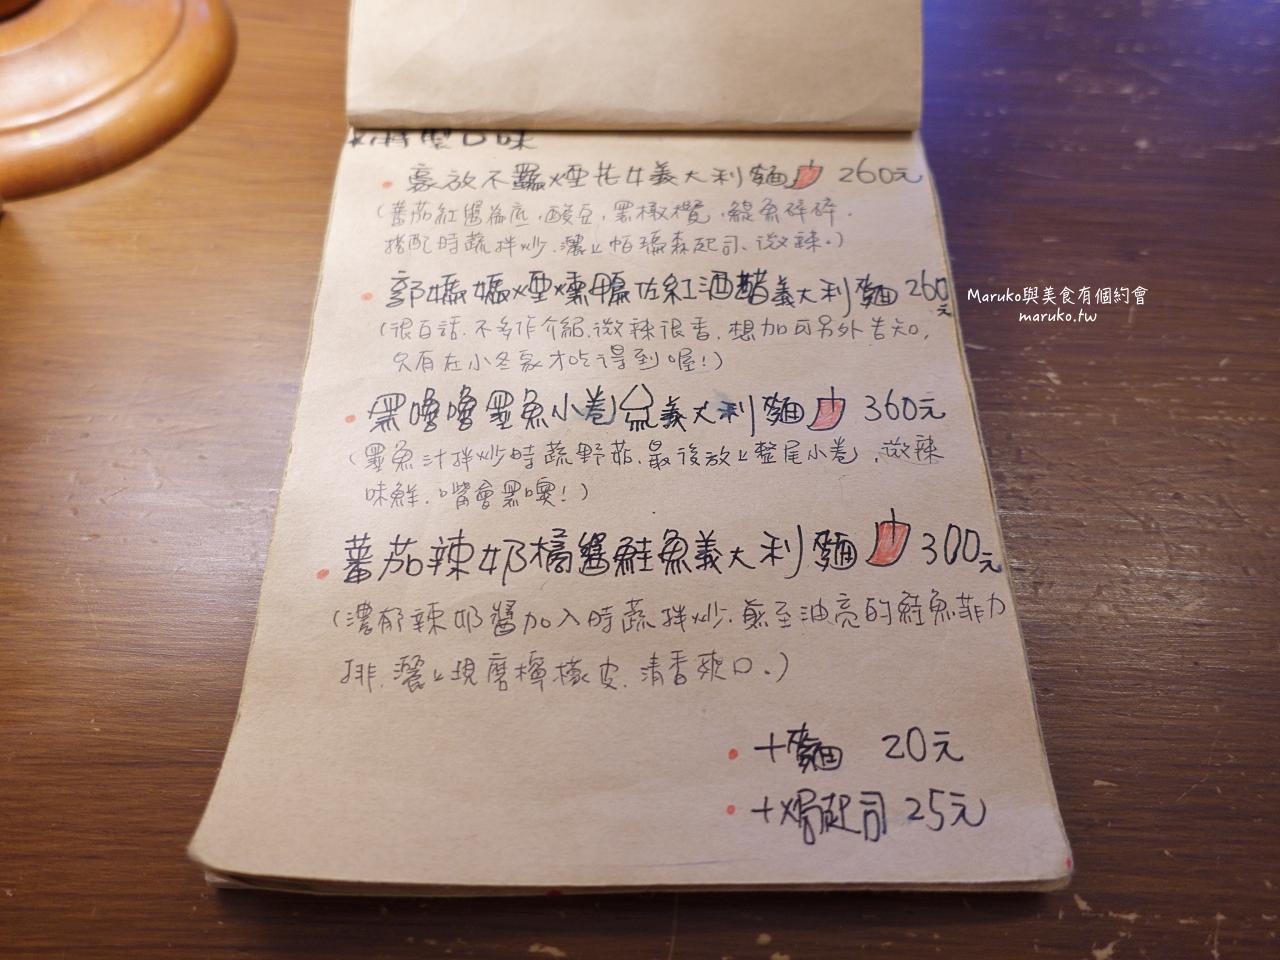 屏東 小冬家貳號店 隱藏在民宅的義大利麵 生意好到開二店 採預約制不收服務費 @Maruko與美食有個約會